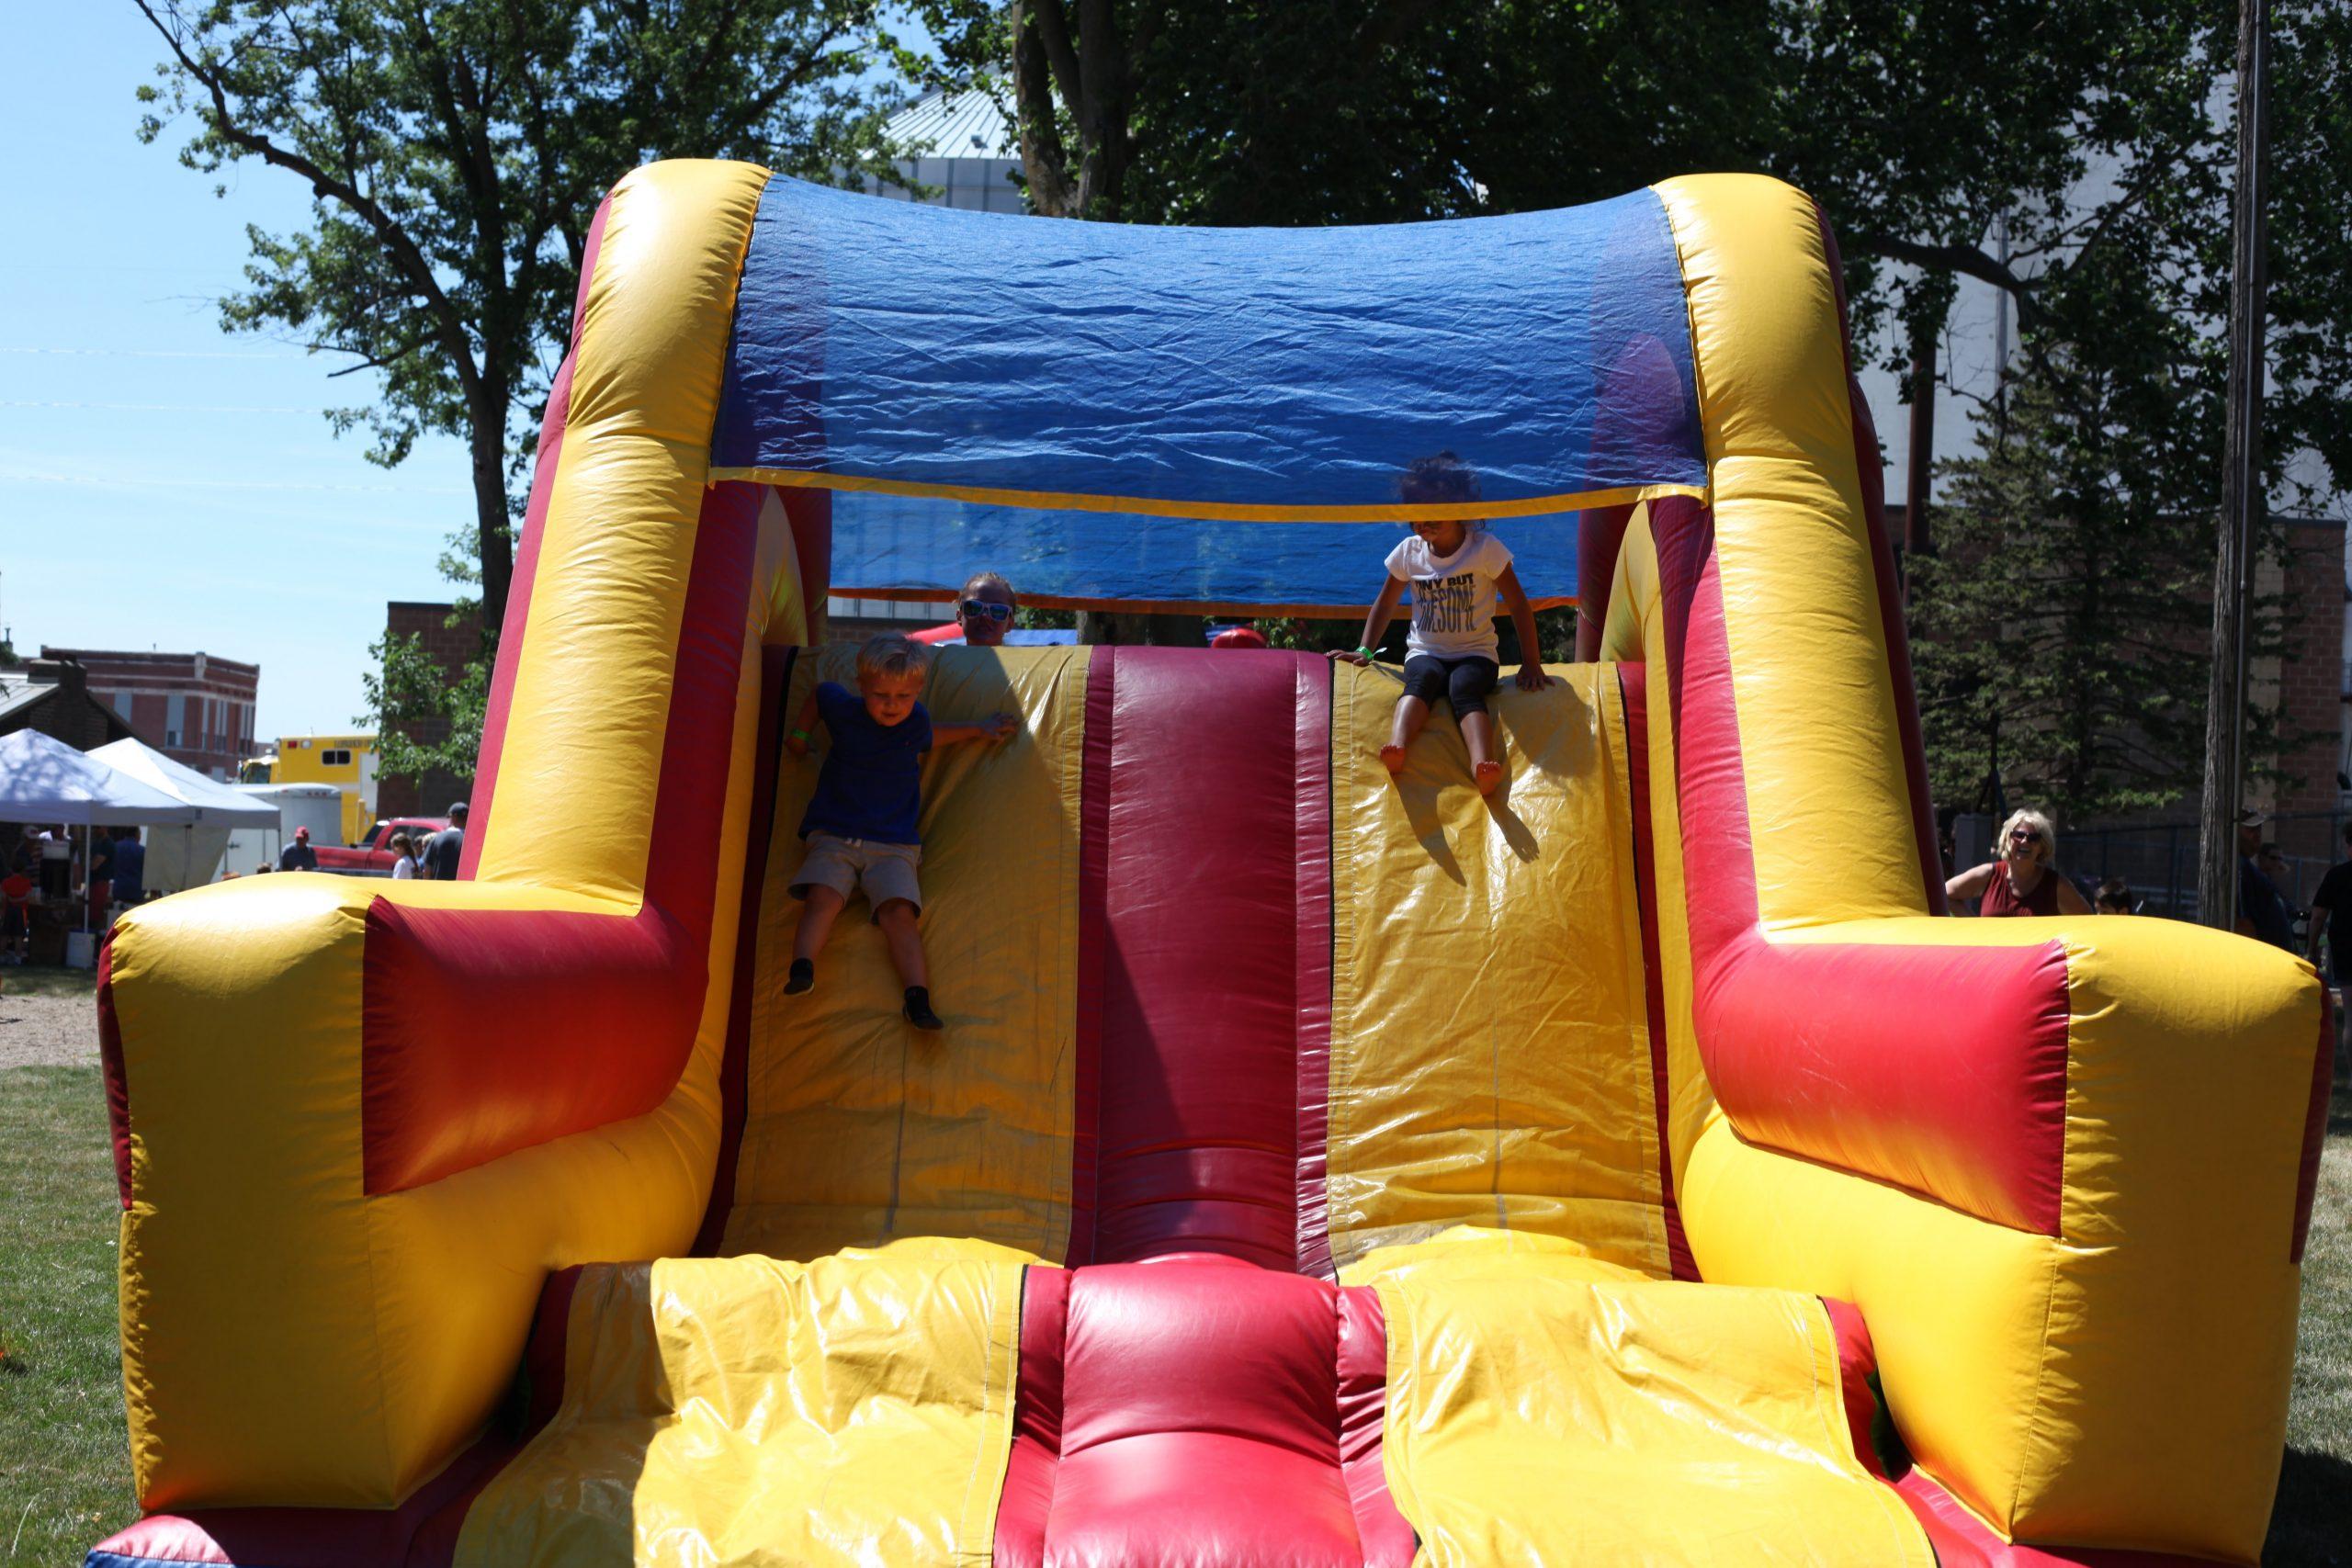 Inflatable slide at Laurens Summer Celebration 2016